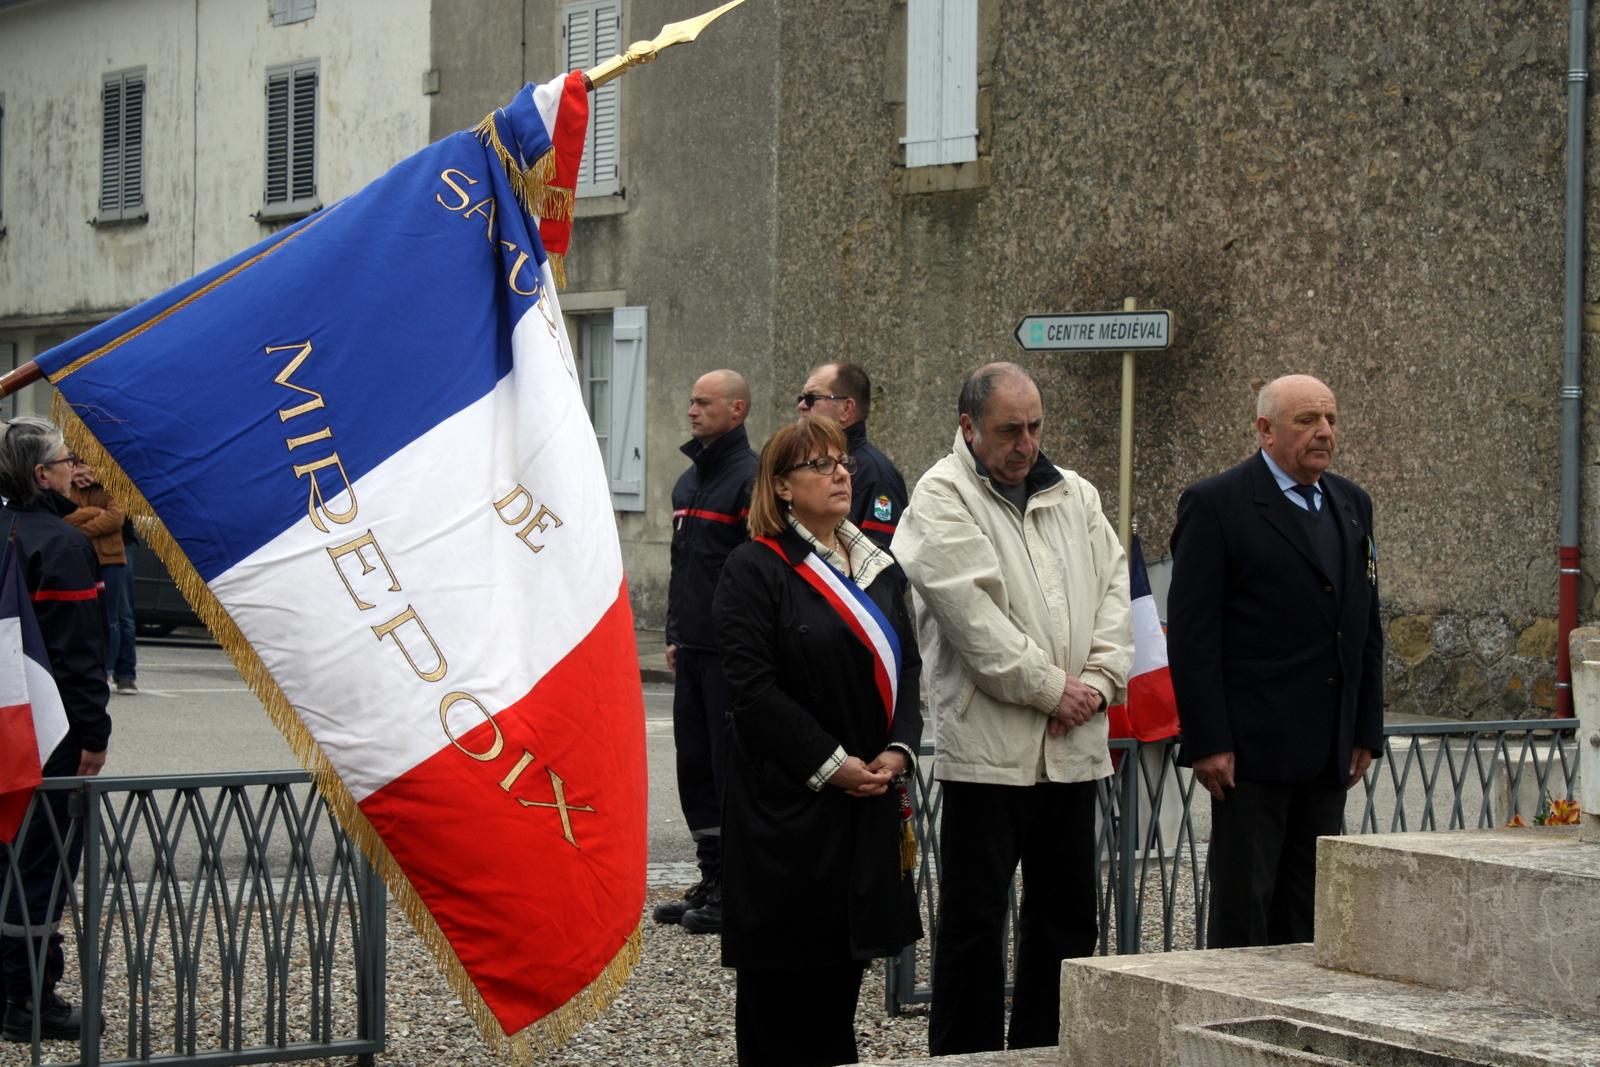 Moment de recueillement devant le monument aux morts pour Nicole QUILLIEN, maire, Jacques ESCANDE, conseiller municipal, et Yves BACHE, représentant de l'association des anciens combattants.